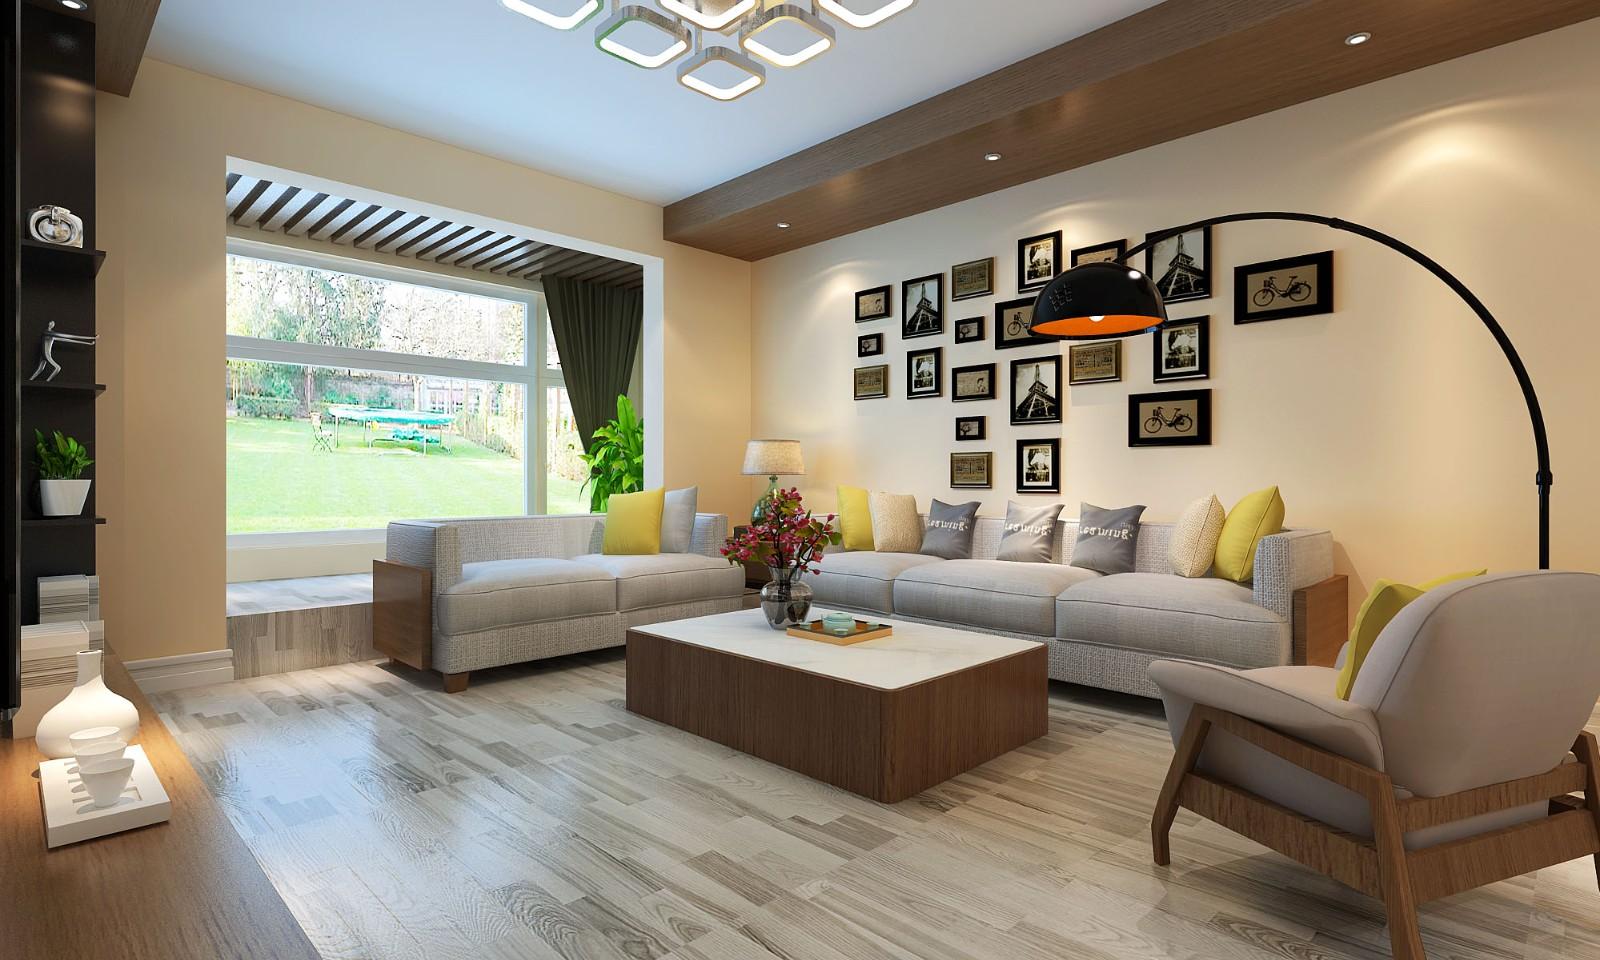 130㎡现代混搭风格沙发背景墙装修效果图